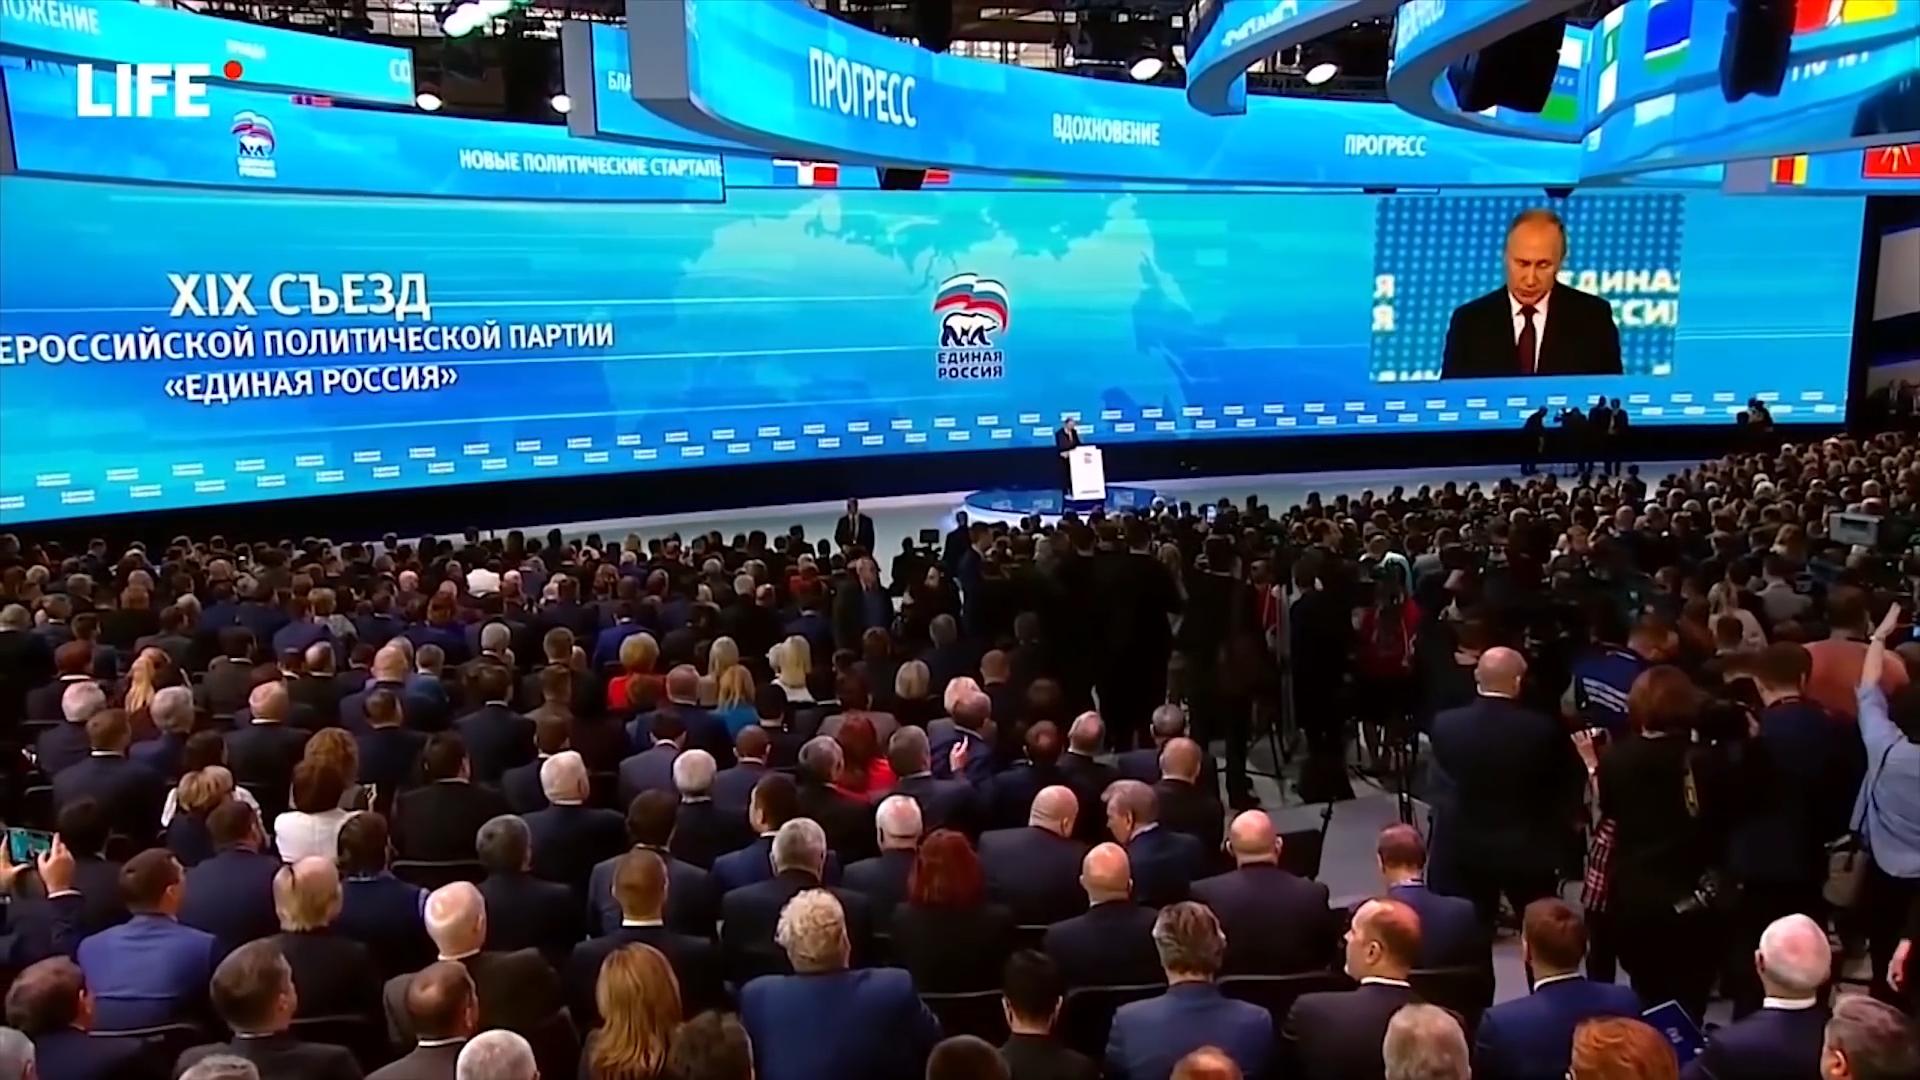 05-Популисты, патриоты и предатели. Все о съезде «Единой России»